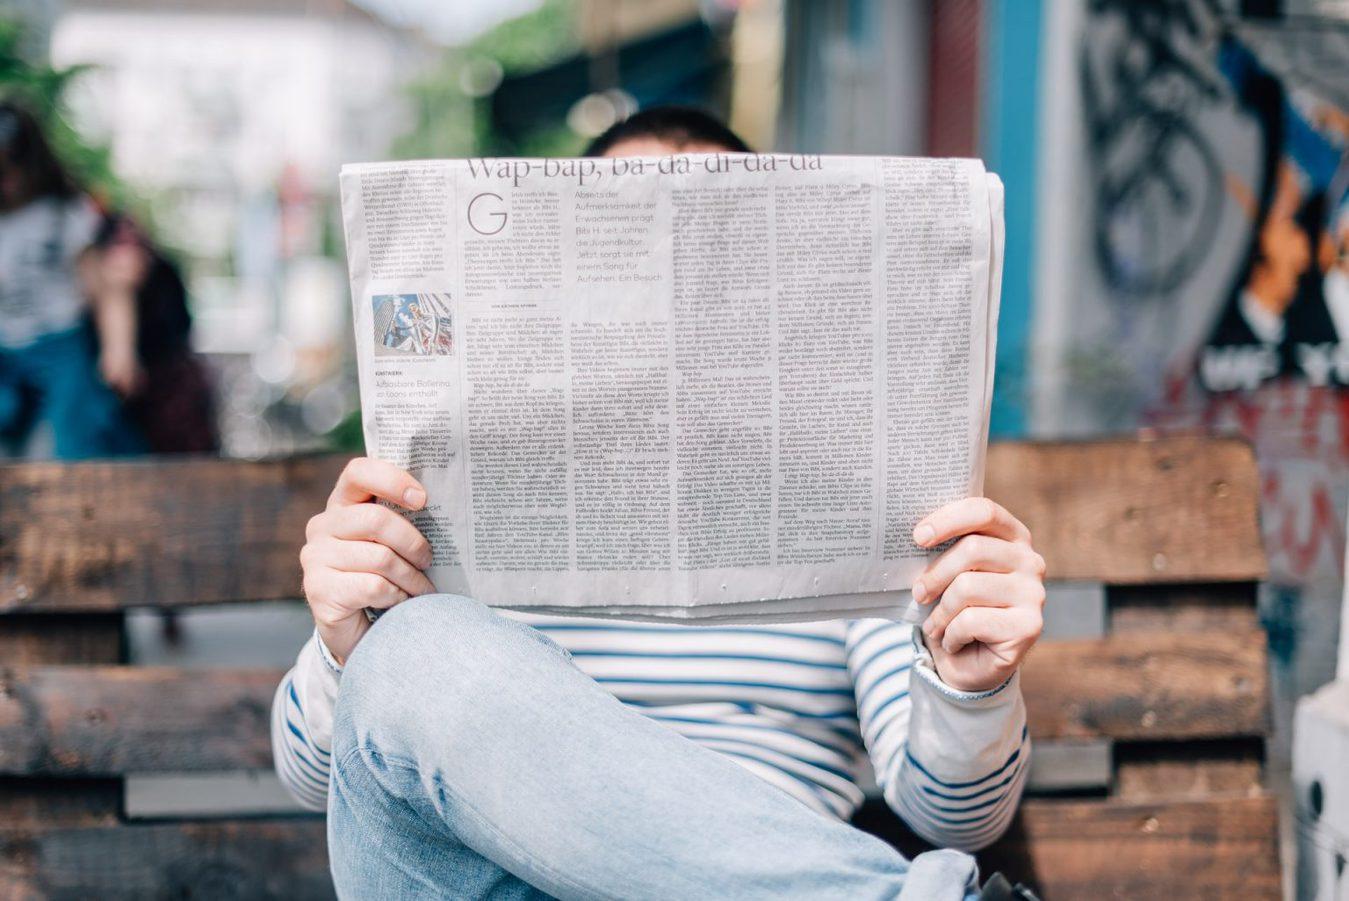 Một người đọc báo trên ghế dài bên ngoài